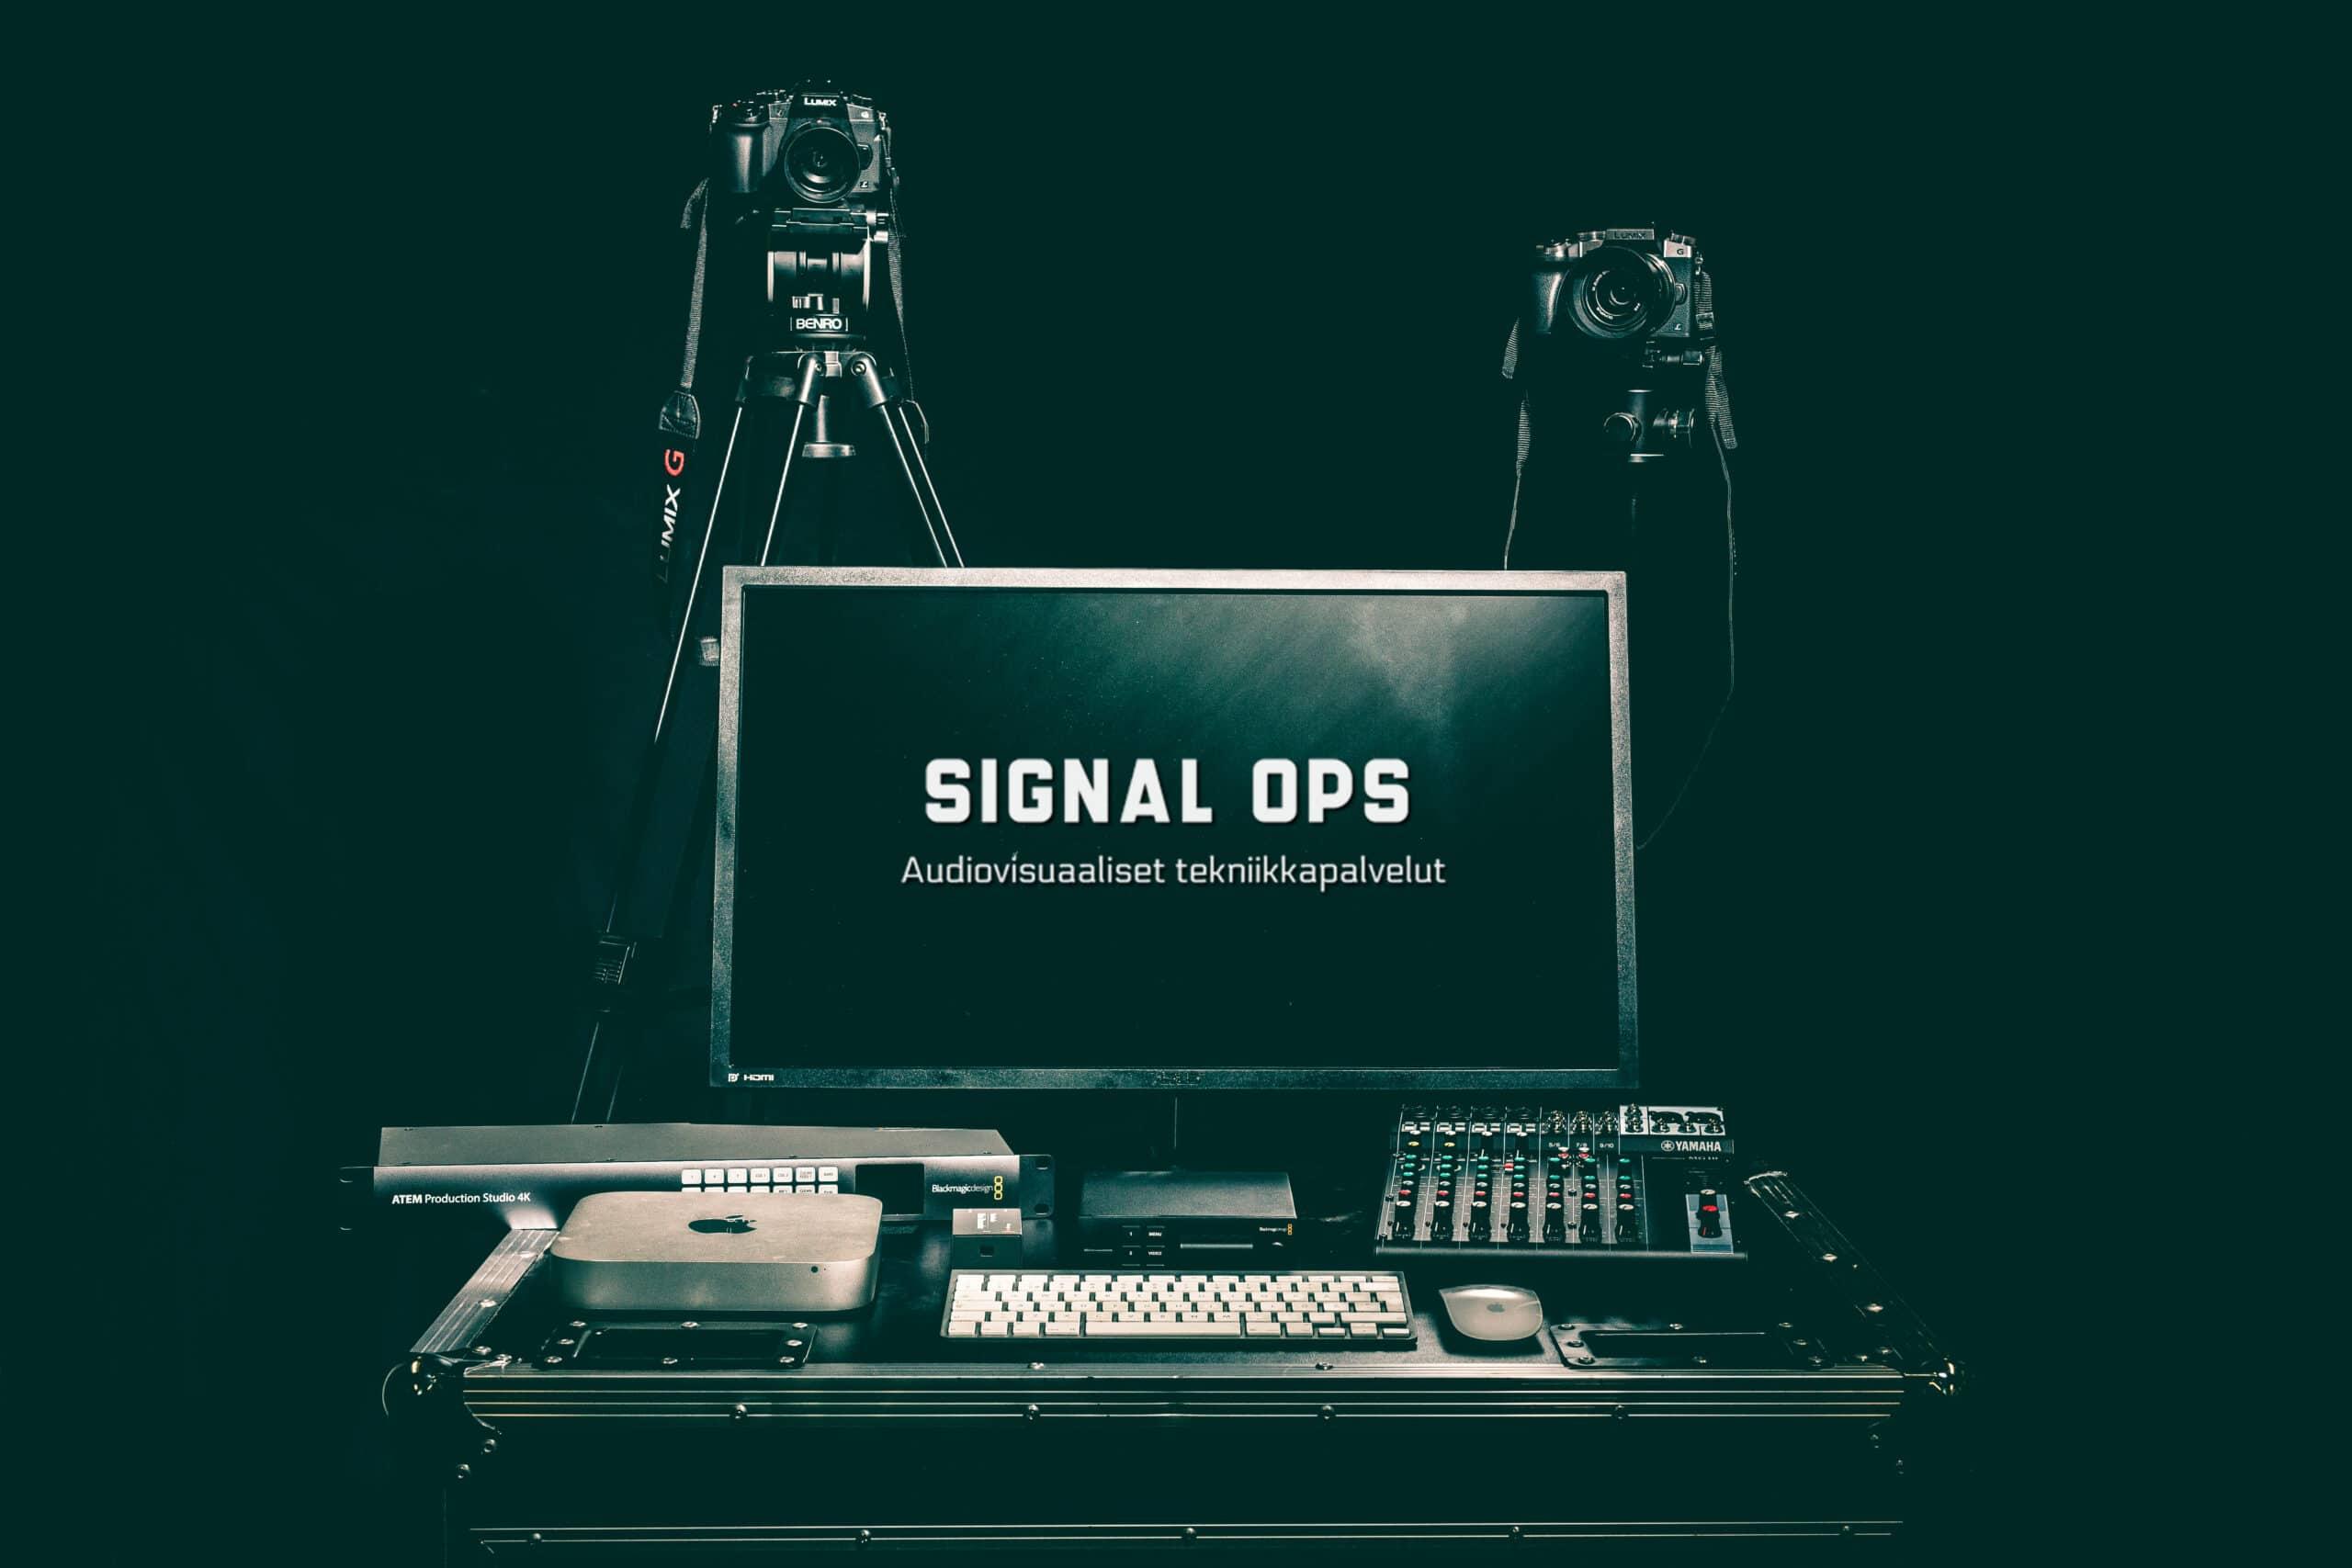 Helppo striimauspalvelu, Signal Ops AV-tekniikkapalvelut